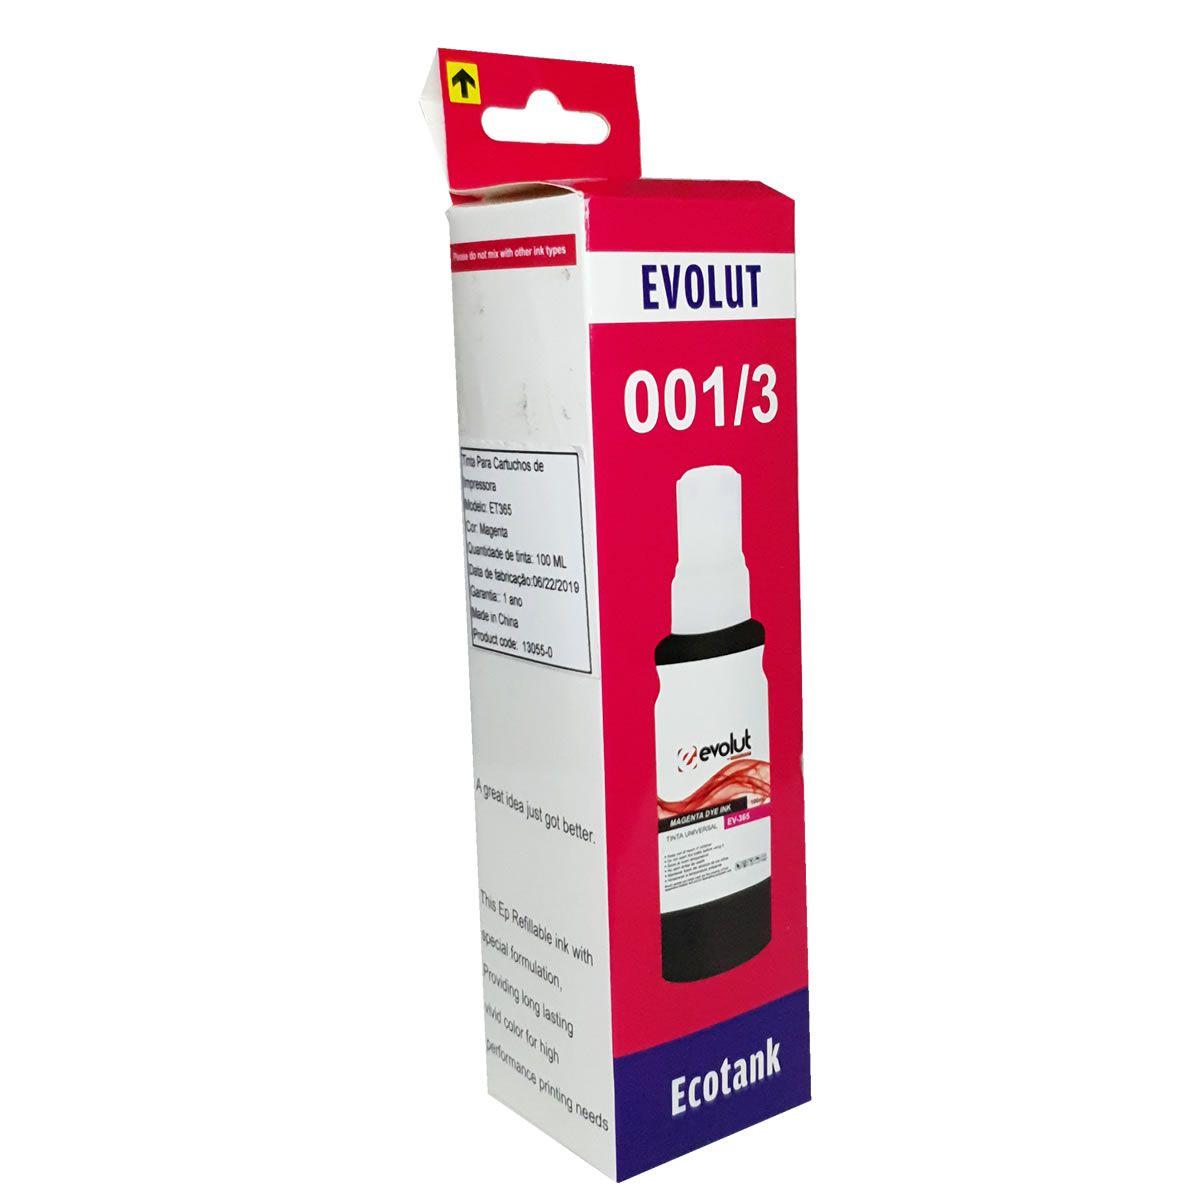 Refil de tinta T504320 Magenta Compatível com ecotank L4150 L4160 L6161 L6171 L6191 da Epson